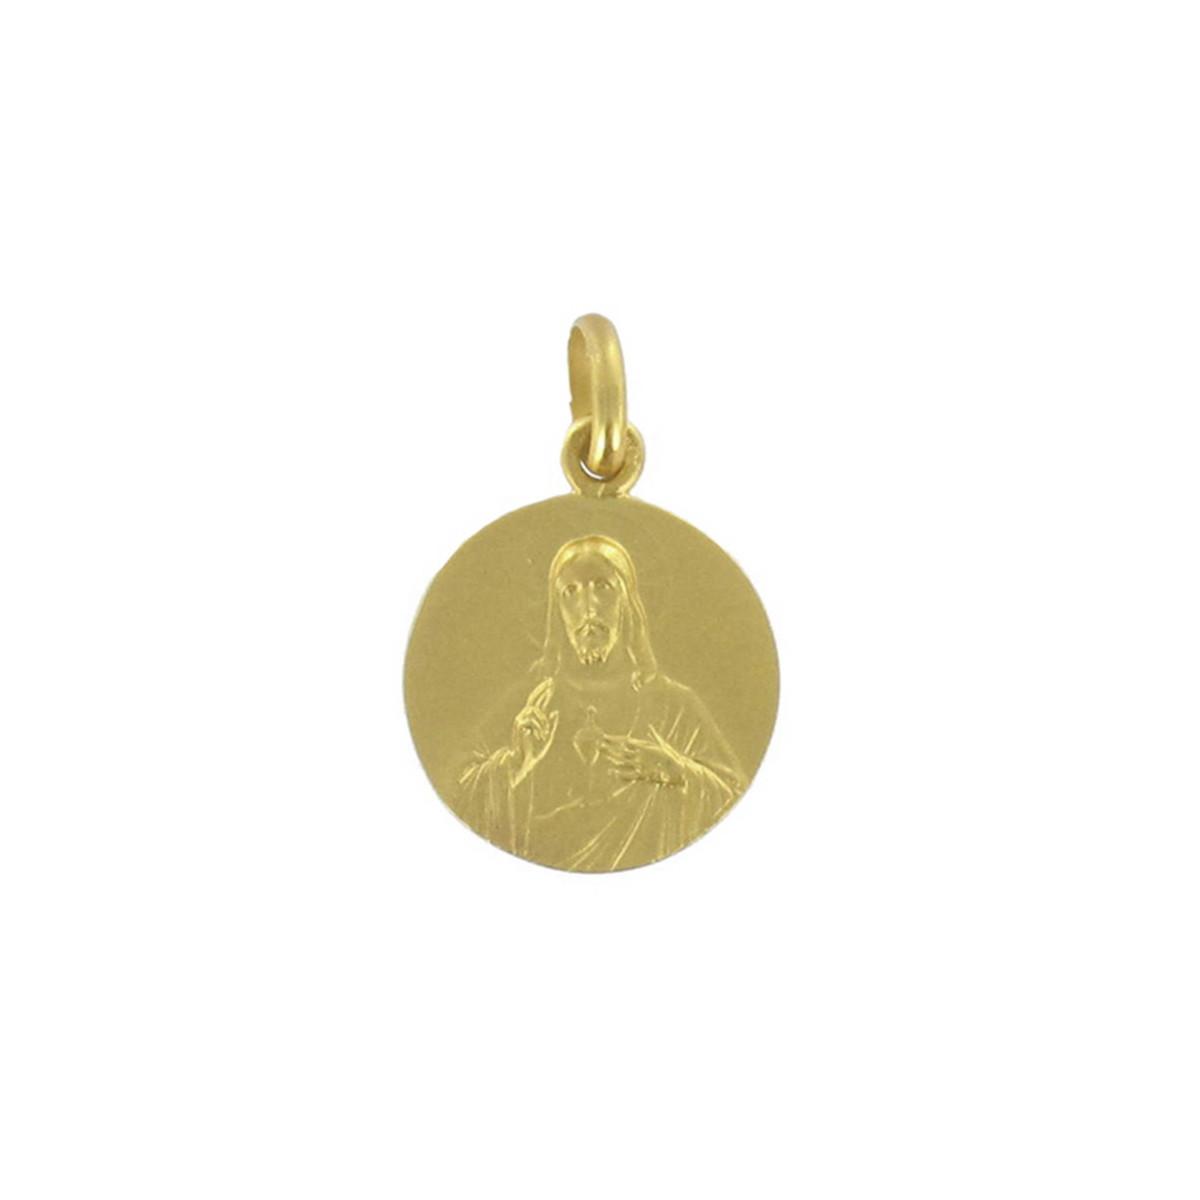 GOLD SCAPULAR 14 MM 2.70 GR